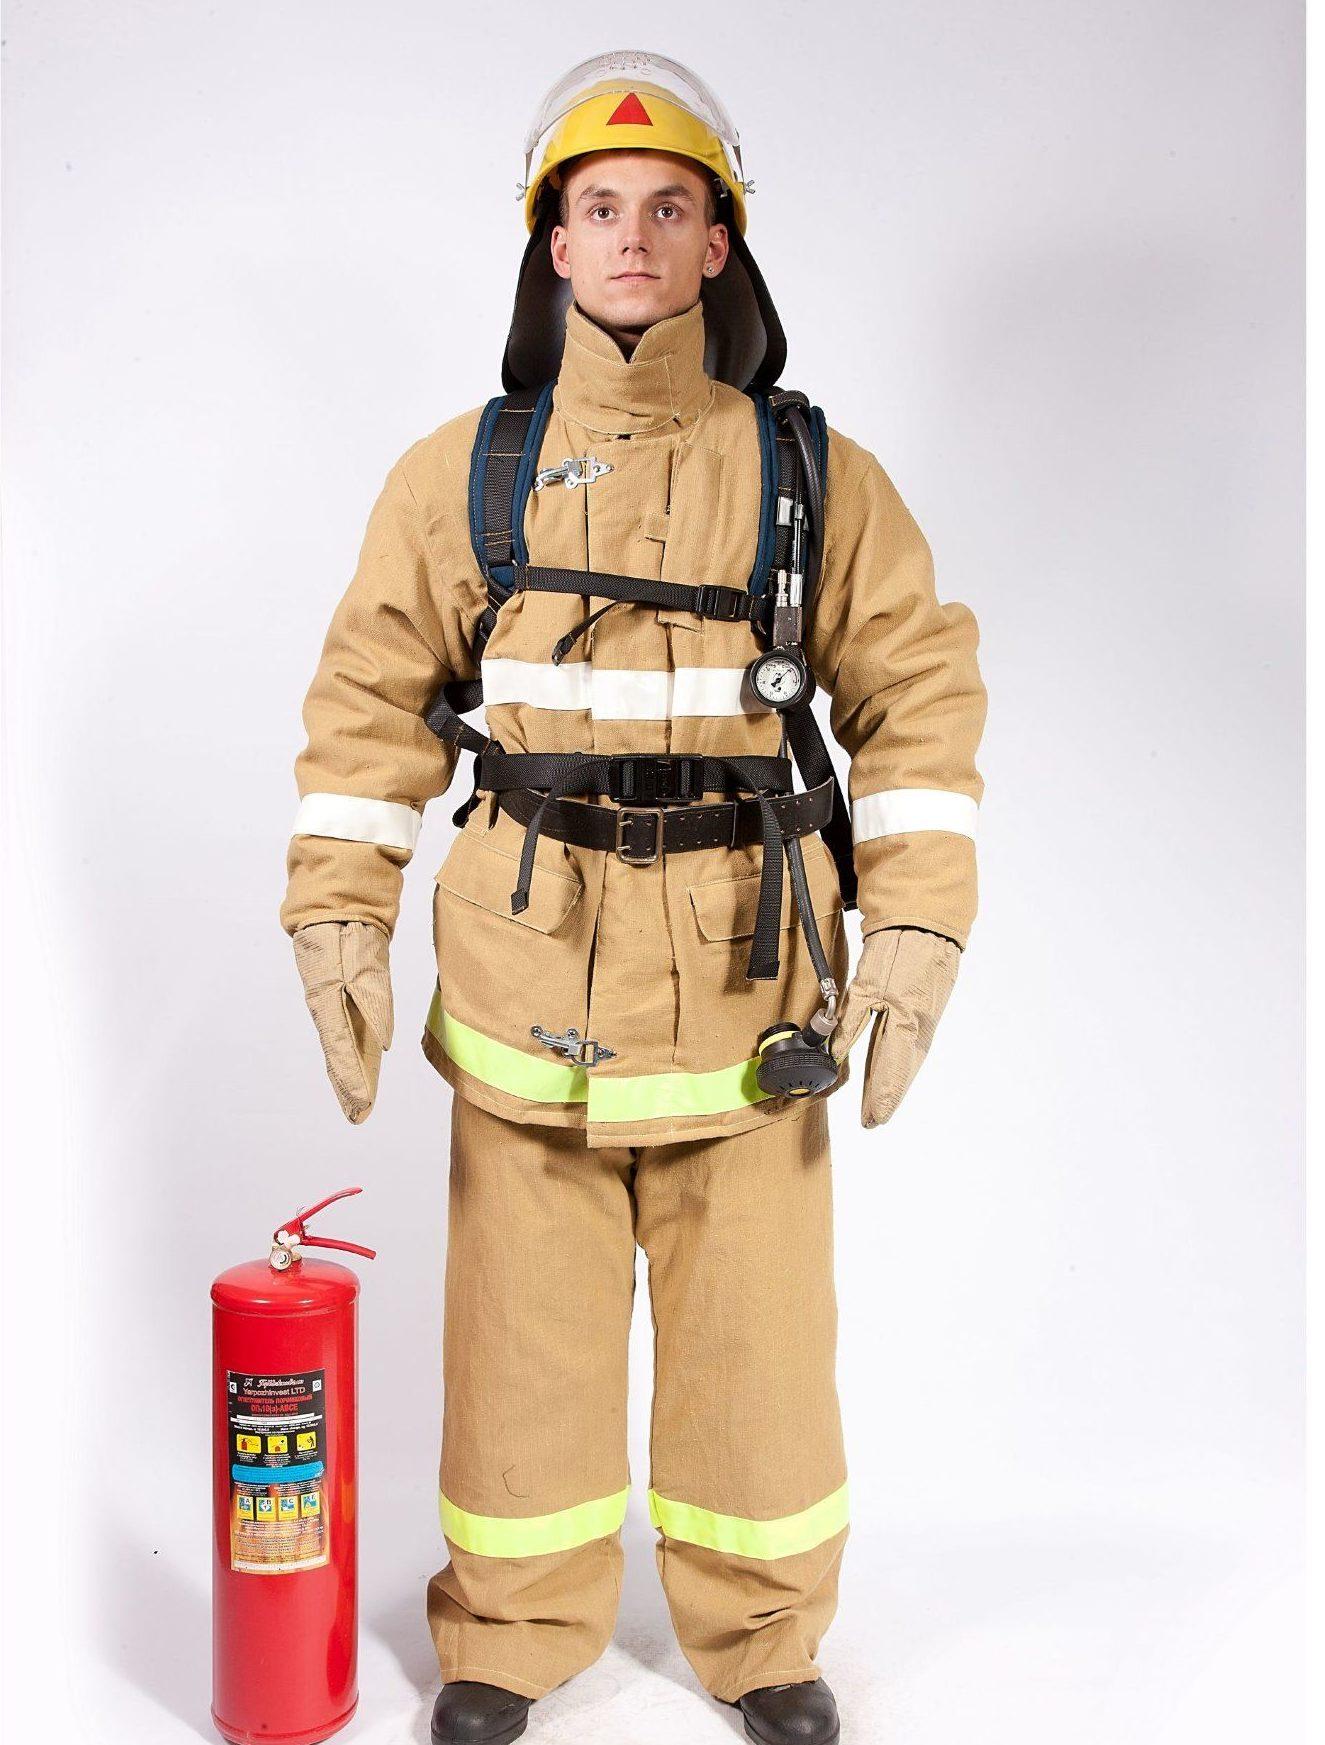 одежда для пожарных фото фокус том, что